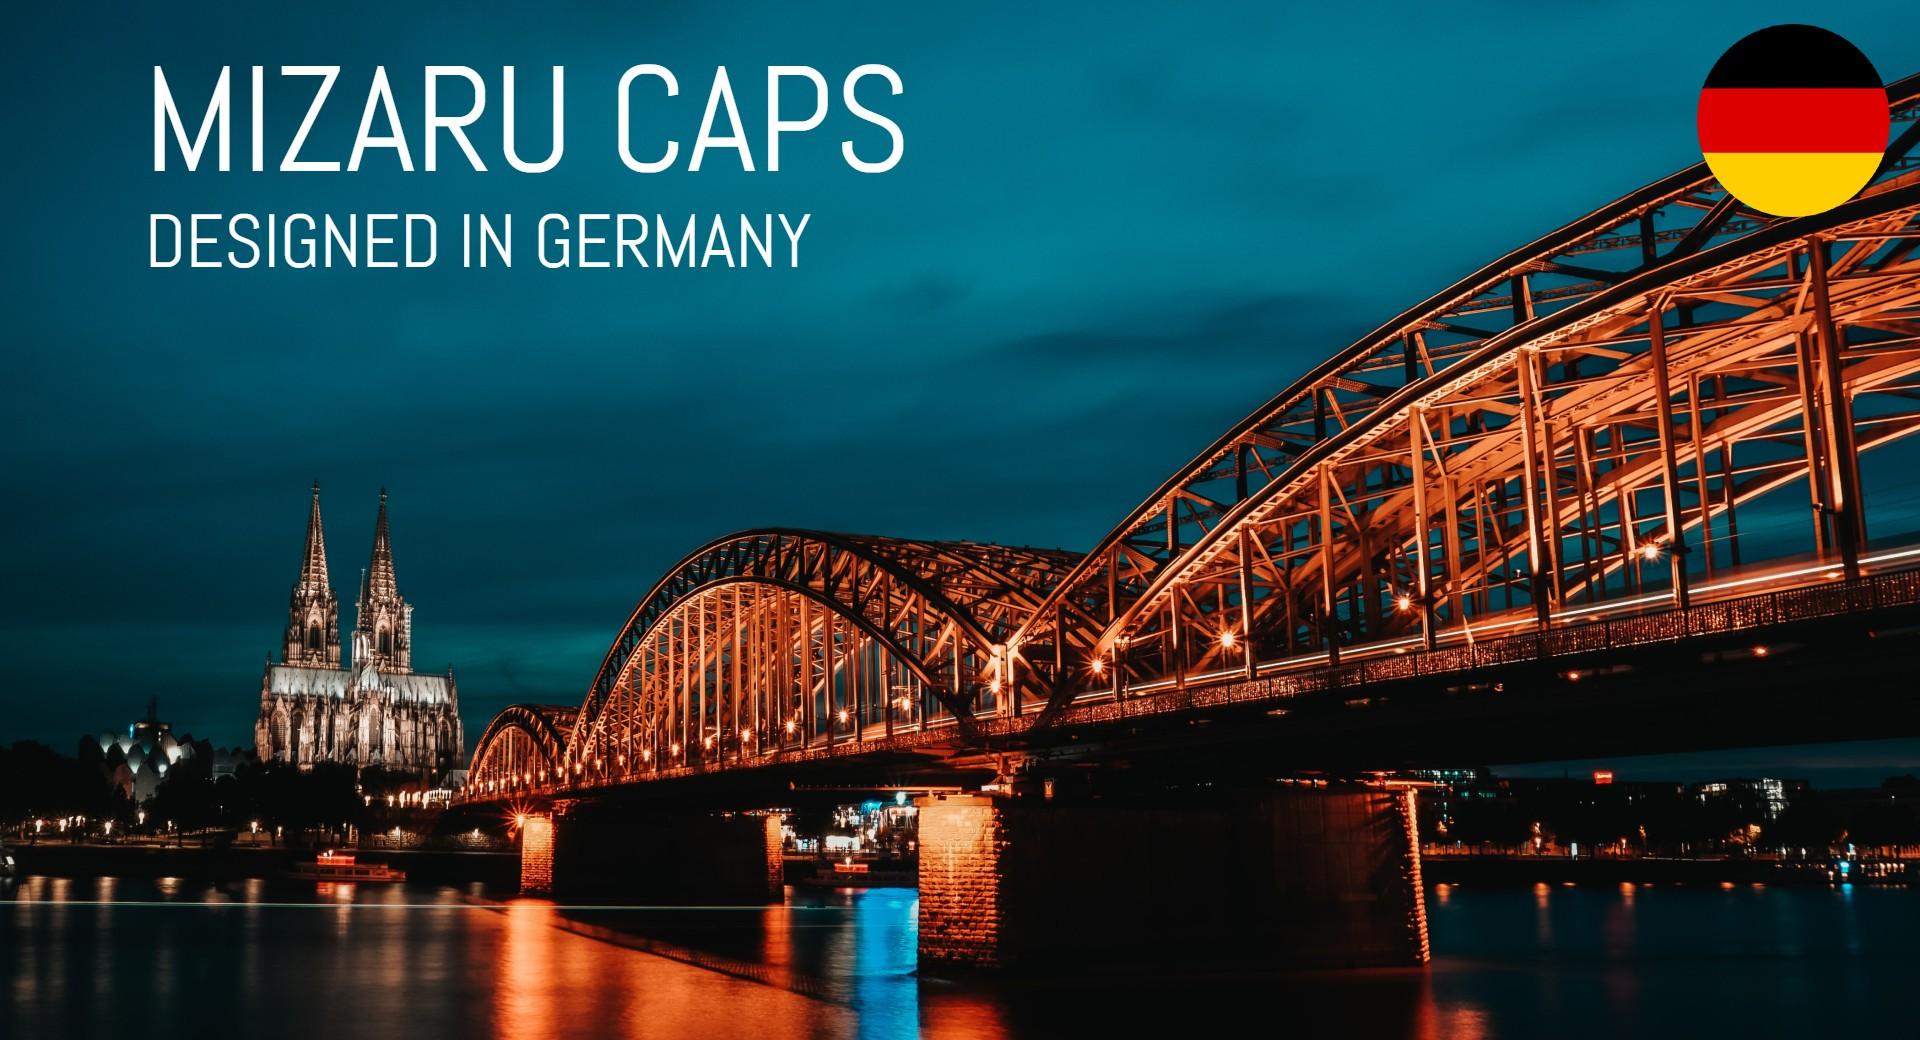 mizaru-caps-germany